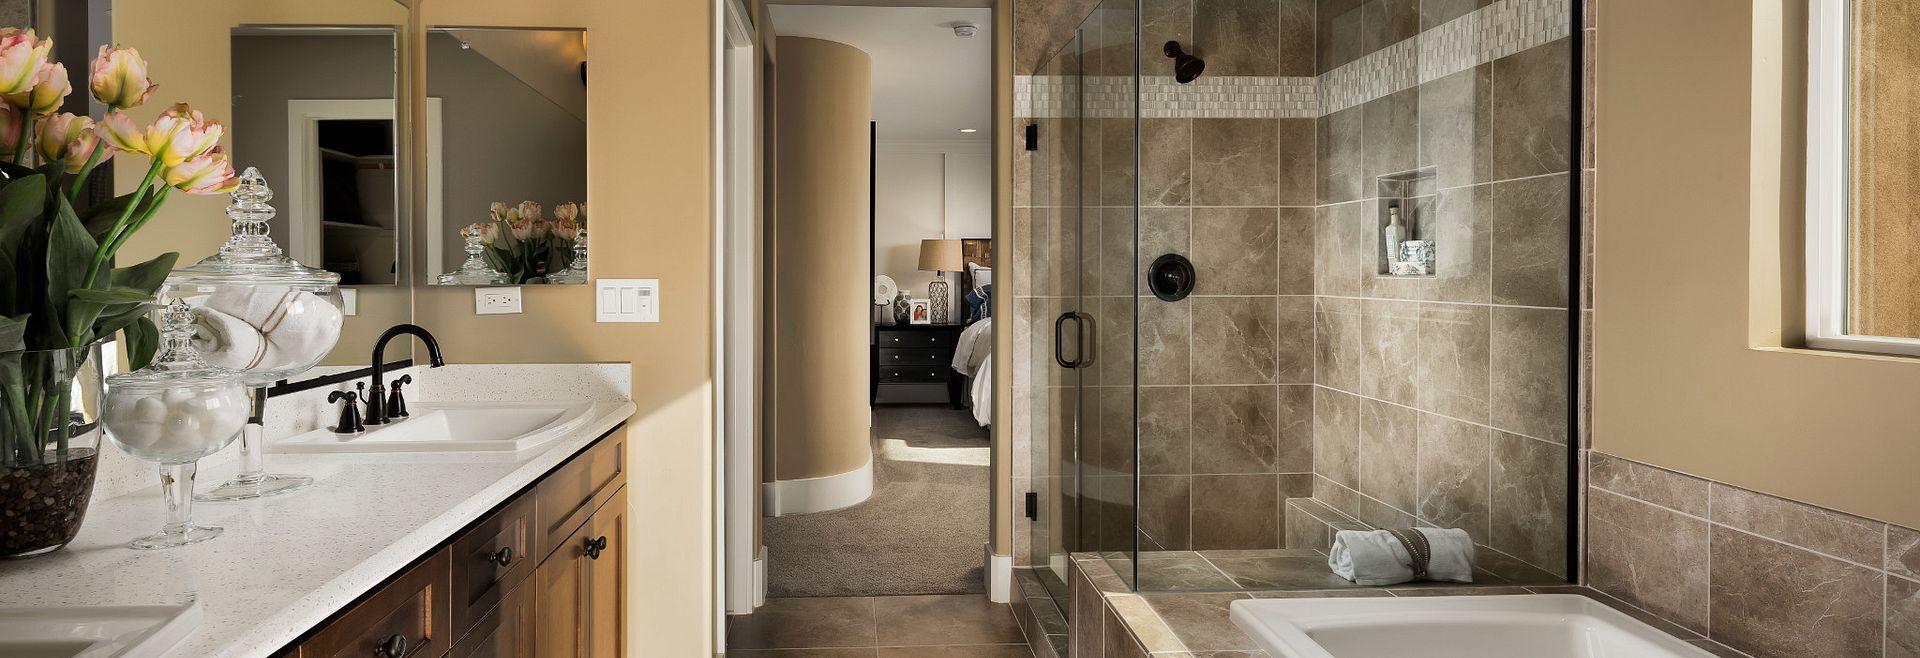 Shea Homes Rice Ranch Verbena Master Bath